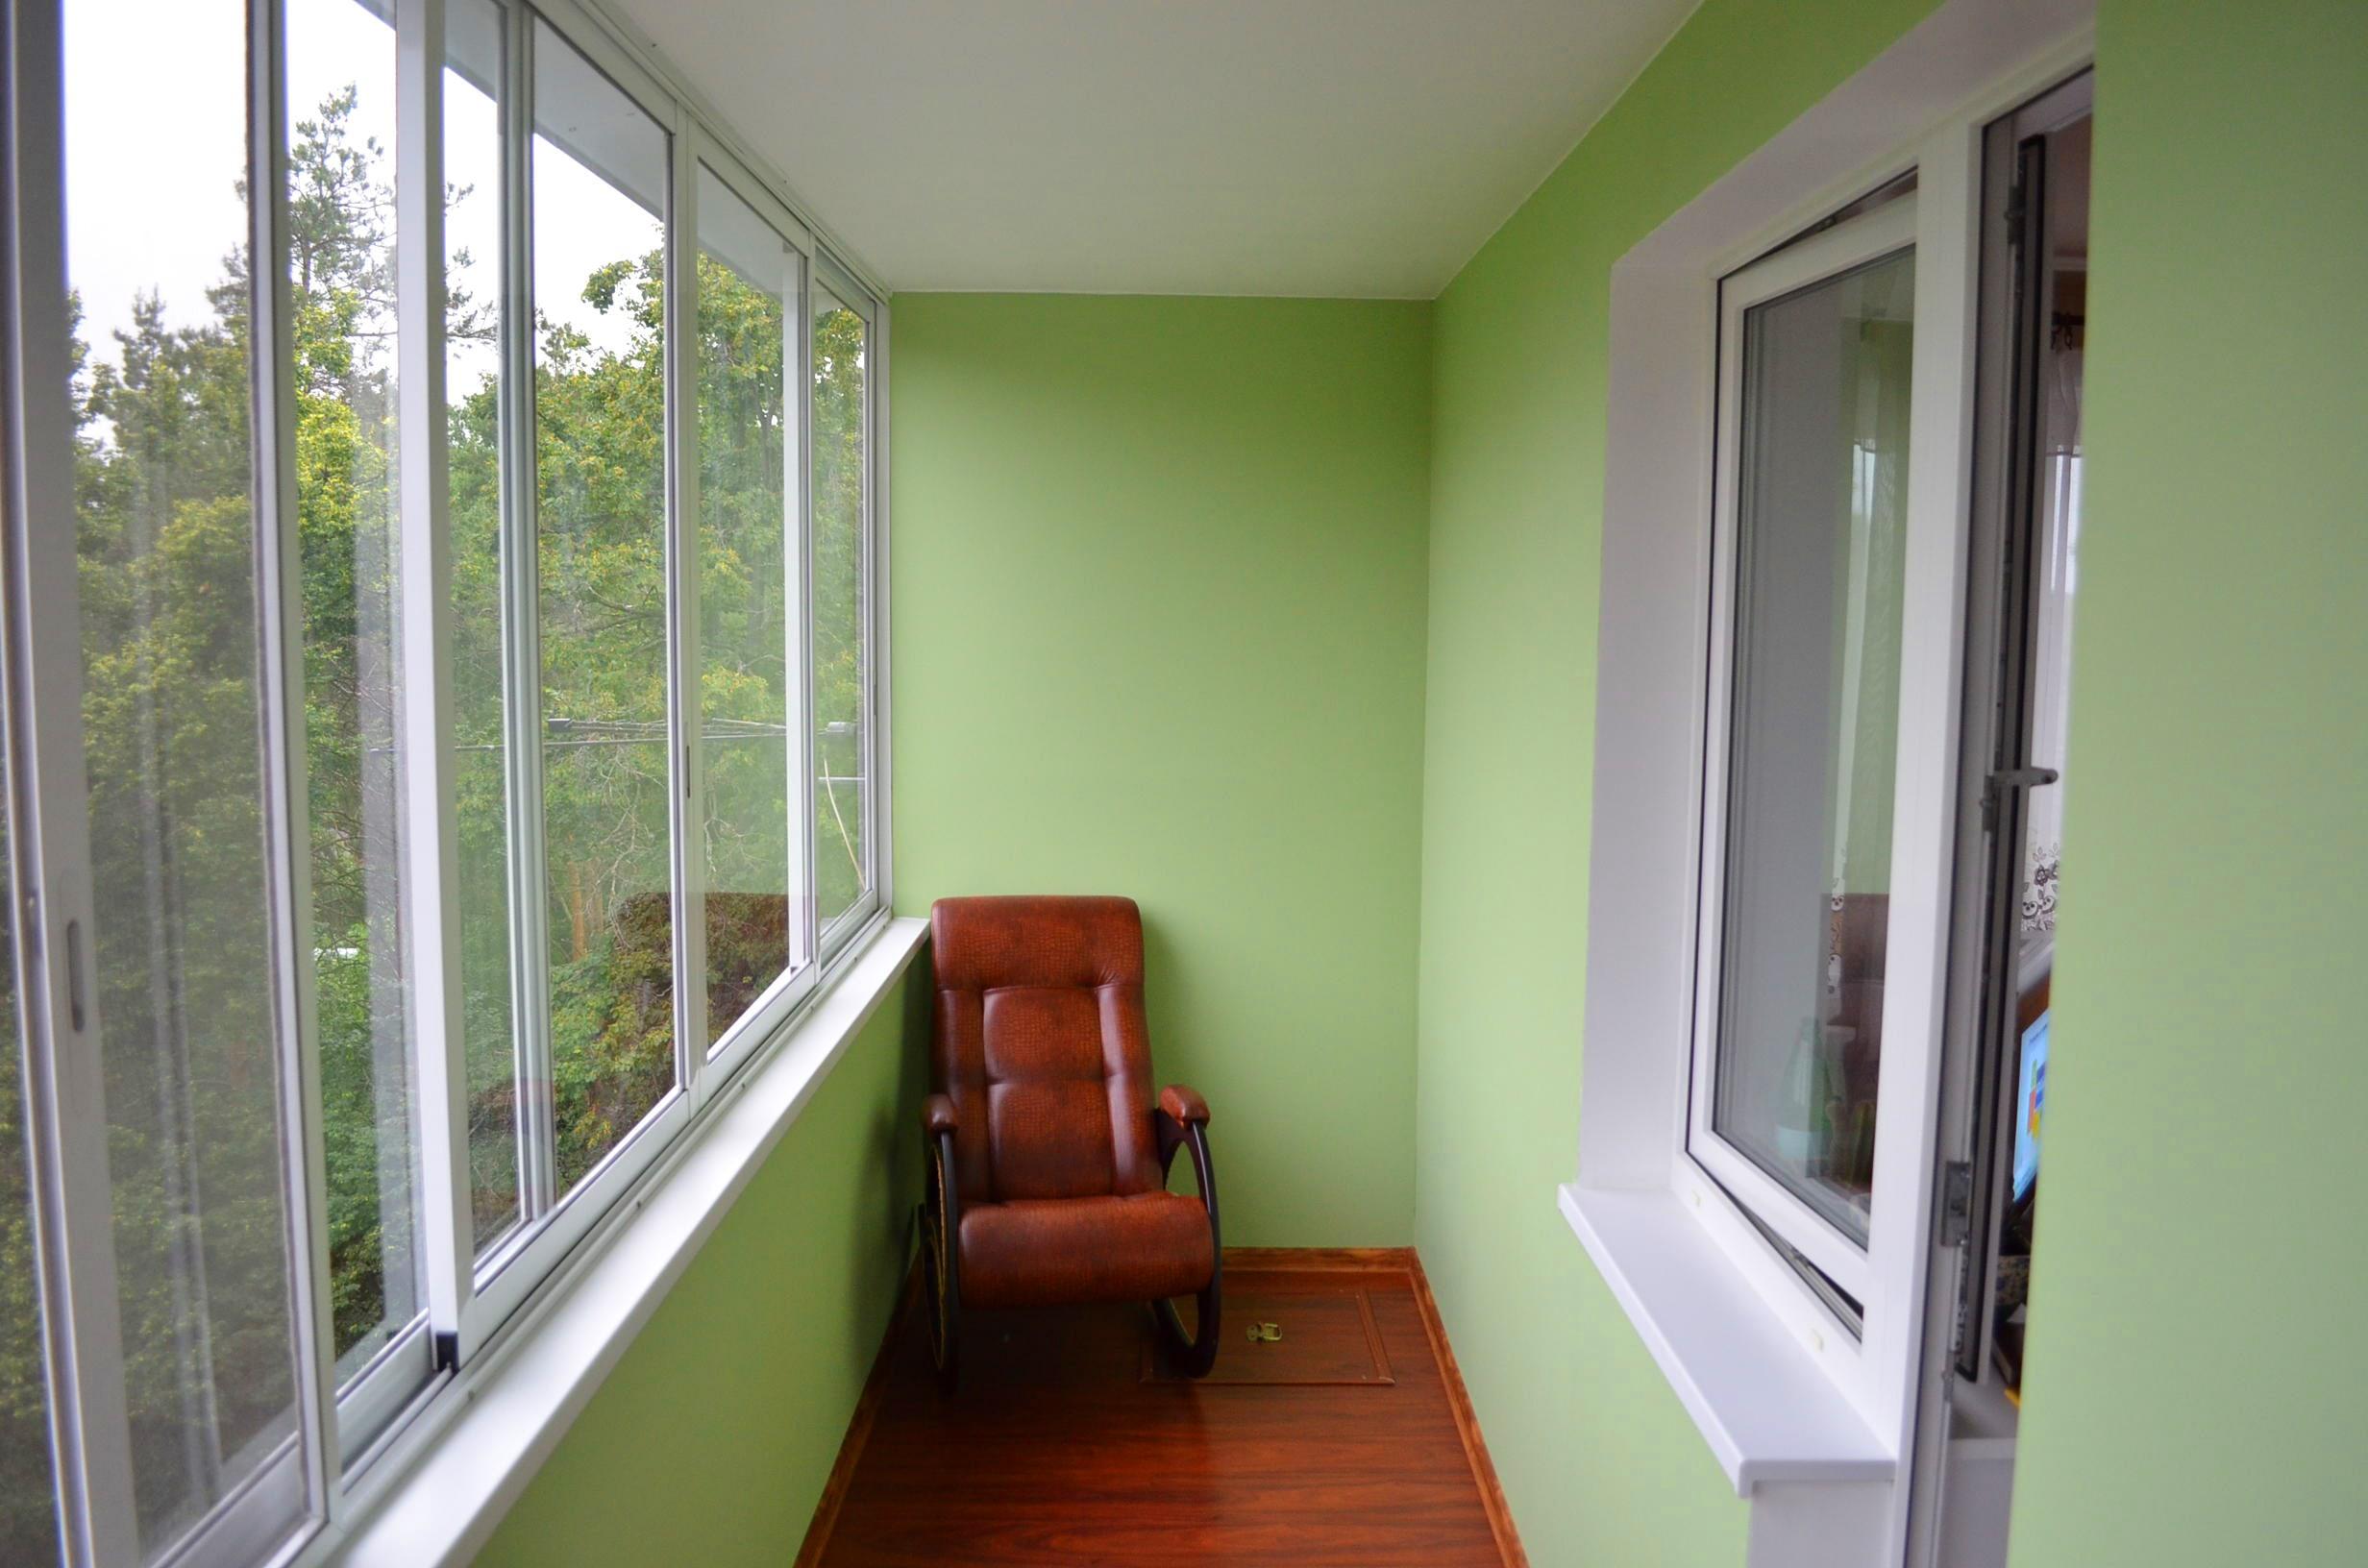 Саратов застеклить балкон балконы застеклить волгоград